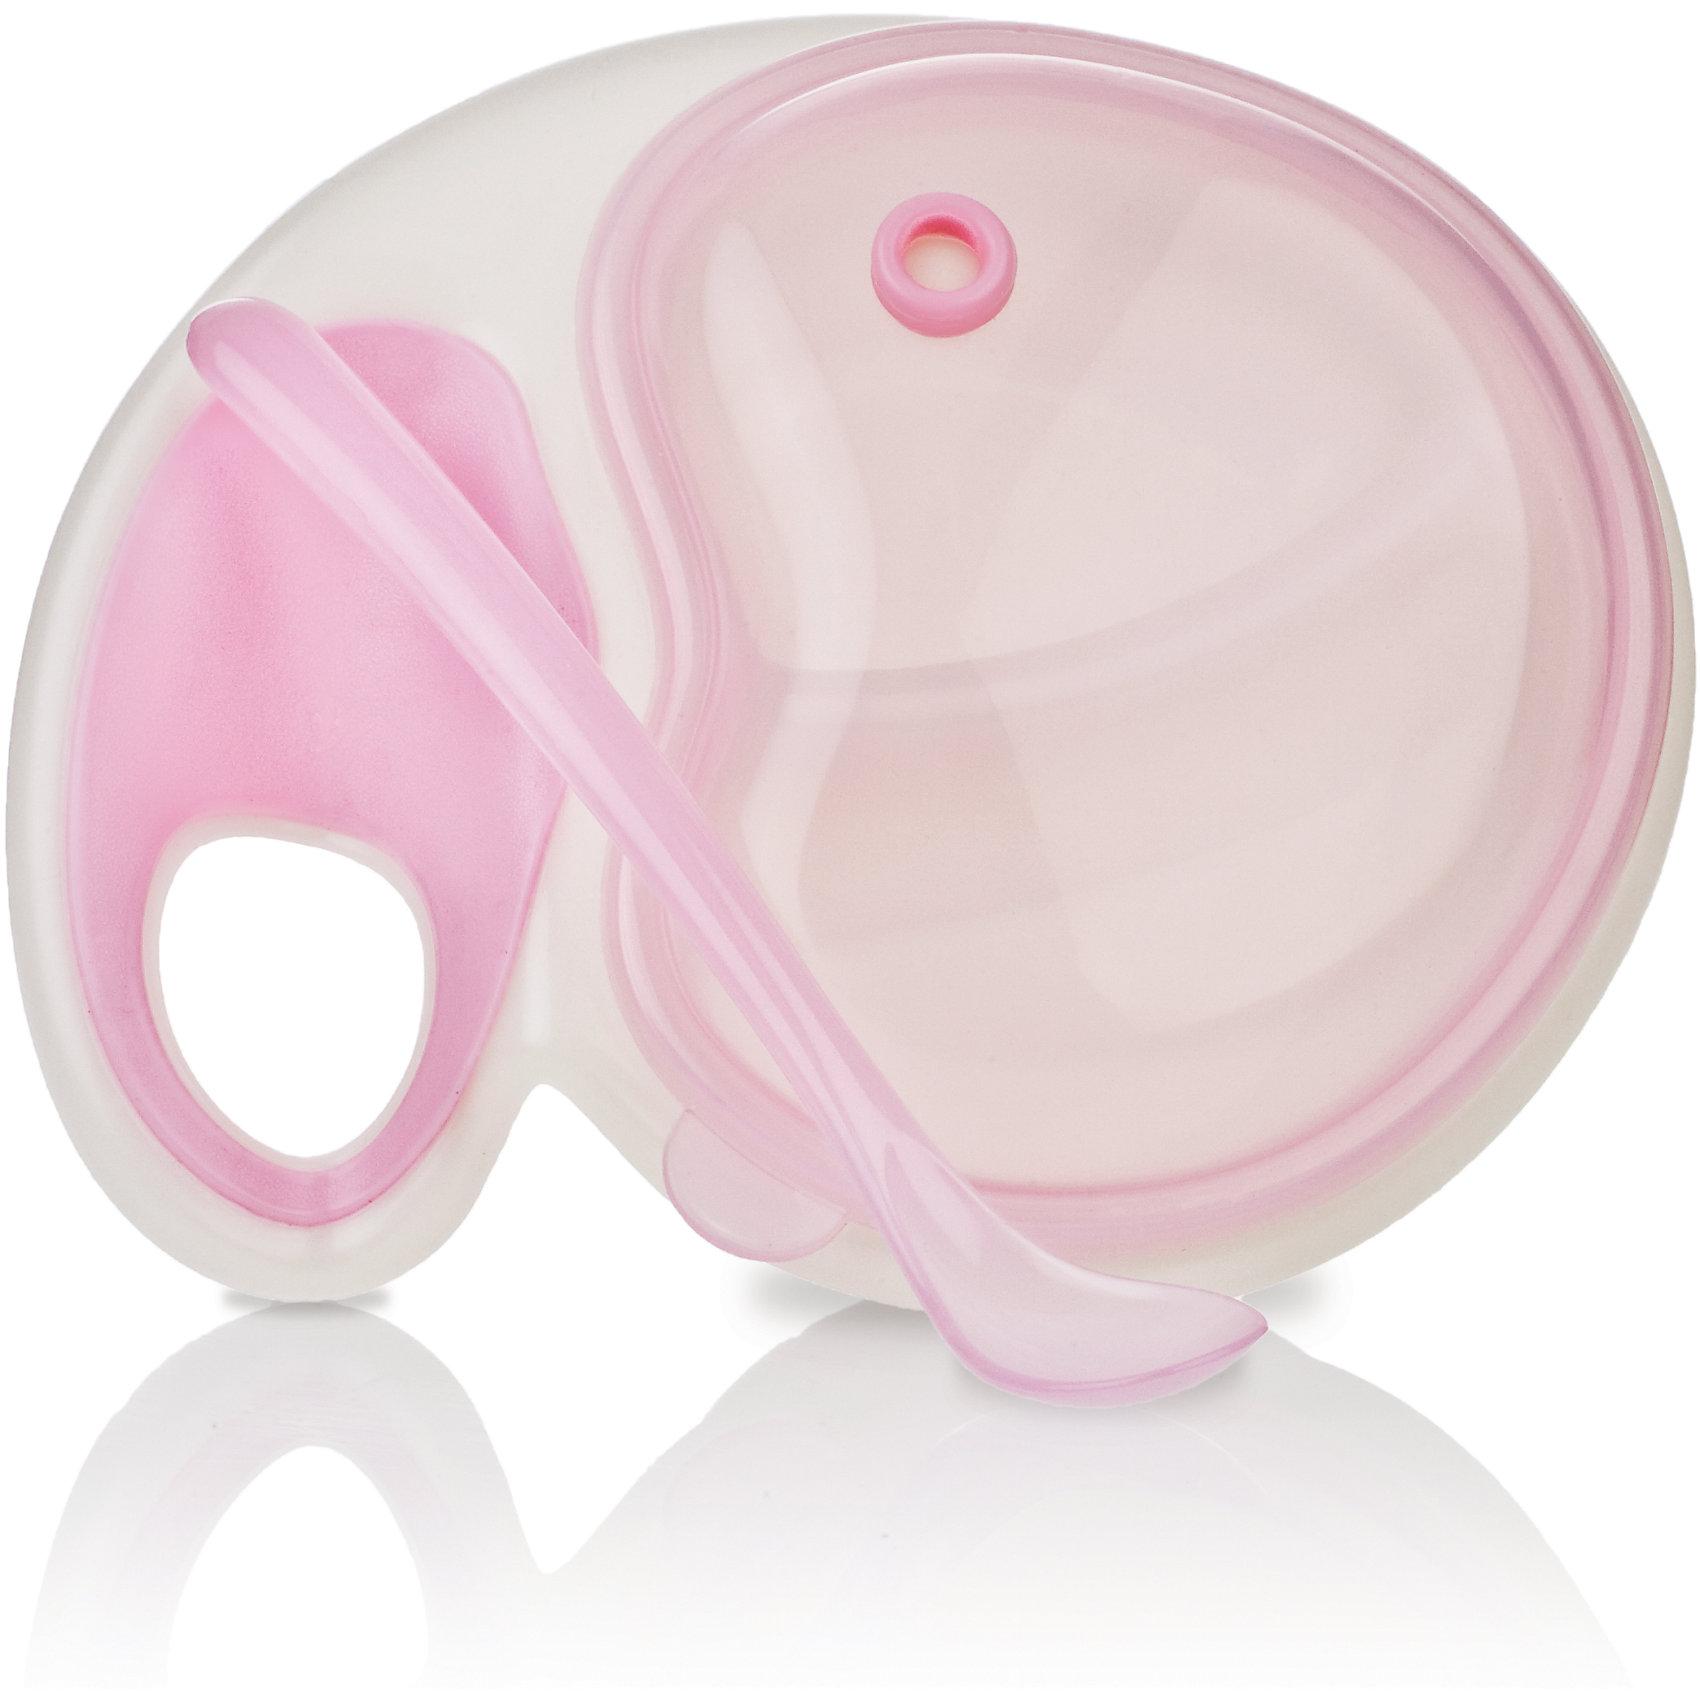 Двухсекционная тарелочка с ложкой, Nuby, розовыйНабор глубоких тарелок Nuby  с высокими бортиками прекрасно подойдет для кормления ребенка как холодной, так и горячей пищей.<br>Дополнительная информация:<br>- В комплекте 4 тарелки разных цветов<br>- Материал: полипропилен<br>- Можно мыть в посудомоечной машине<br>- Не содержит бисфенола А.<br><br>Ширина мм: 209<br>Глубина мм: 161<br>Высота мм: 88<br>Вес г: 174<br>Цвет: розовый<br>Возраст от месяцев: 6<br>Возраст до месяцев: 36<br>Пол: Женский<br>Возраст: Детский<br>SKU: 4243187